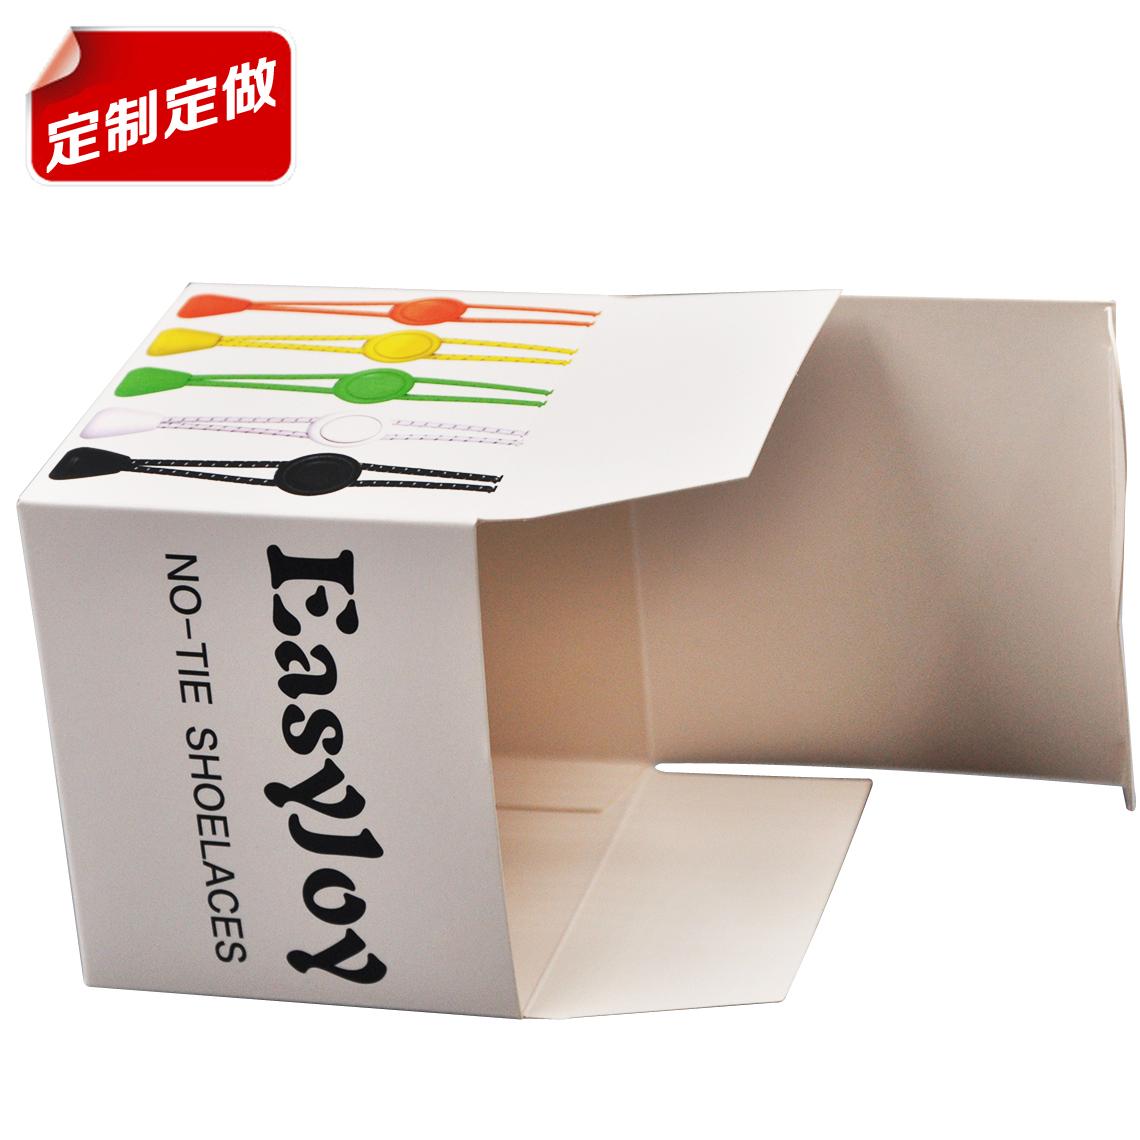 厂家定制加工彩色包装礼品盒 环保通用商品包装折叠彩盒印刷 瓦楞牛皮 饰品纸盒定制